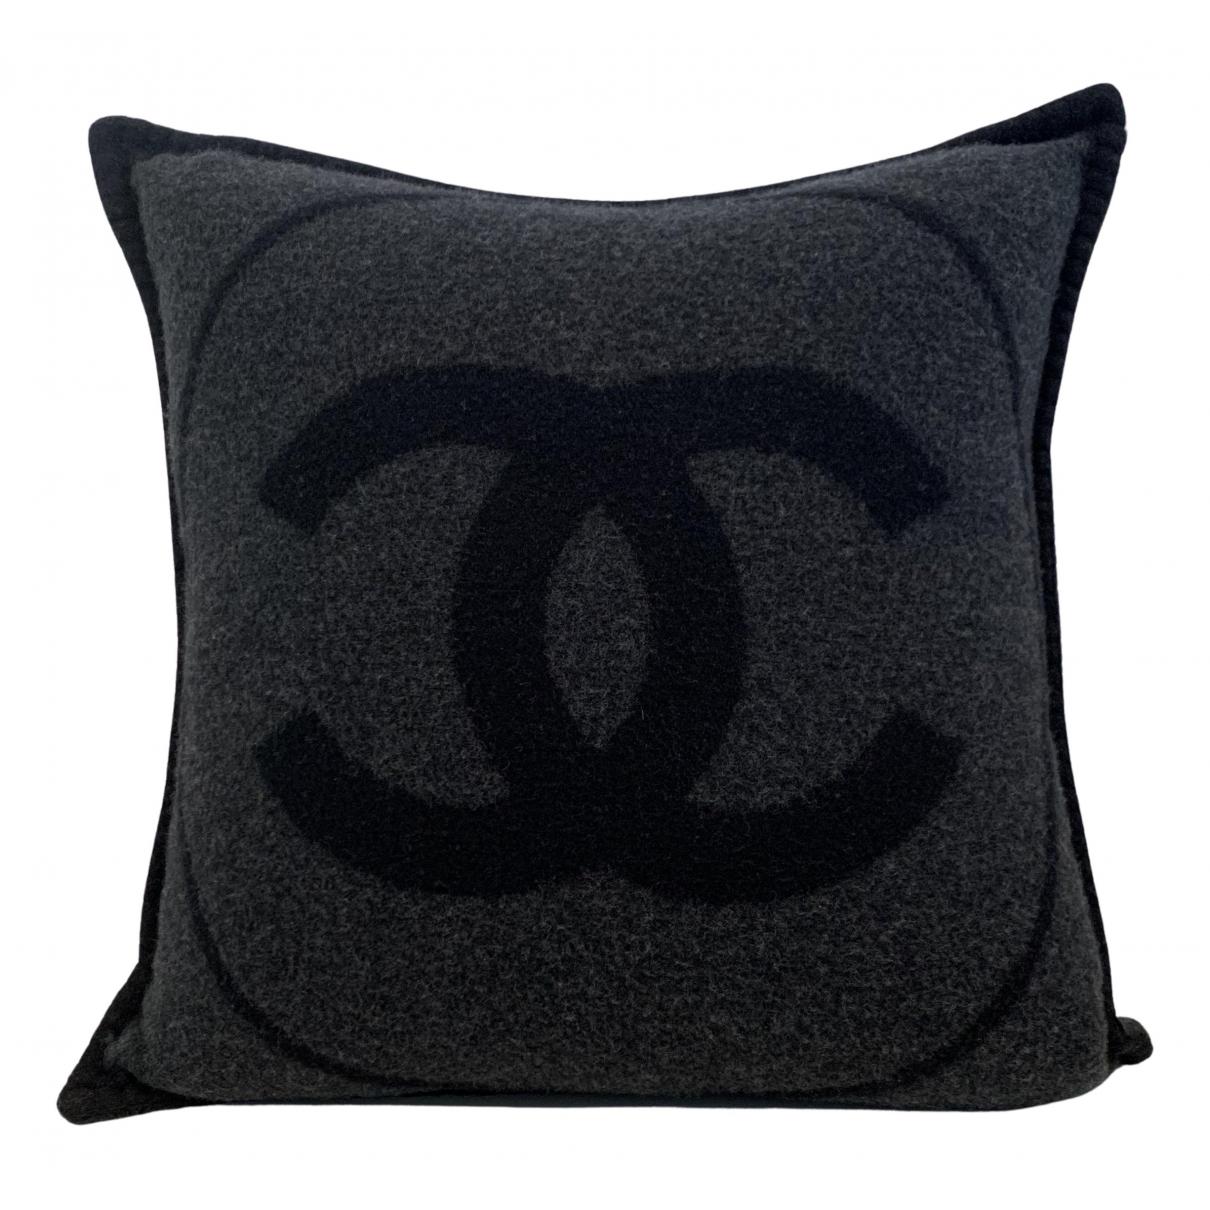 Chanel - Linge de maison   pour lifestyle en cachemire - gris